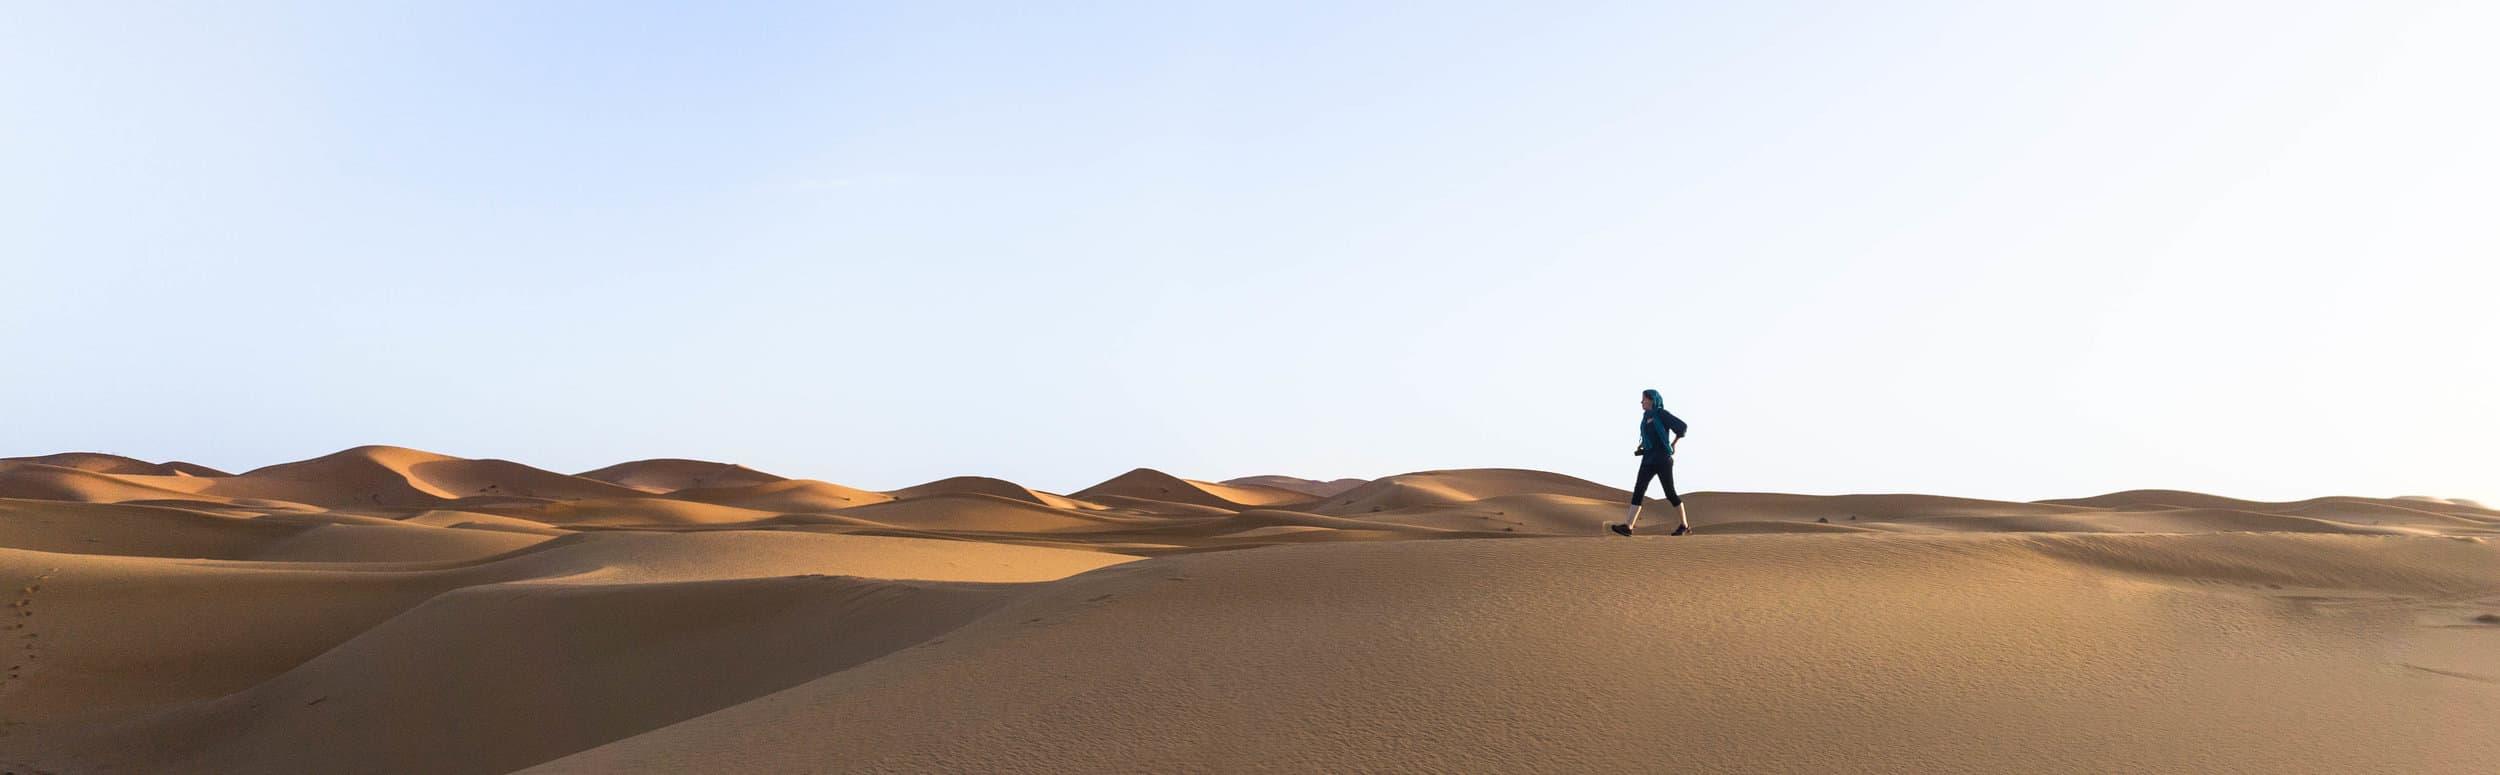 A sunrise walk through the Sahara.